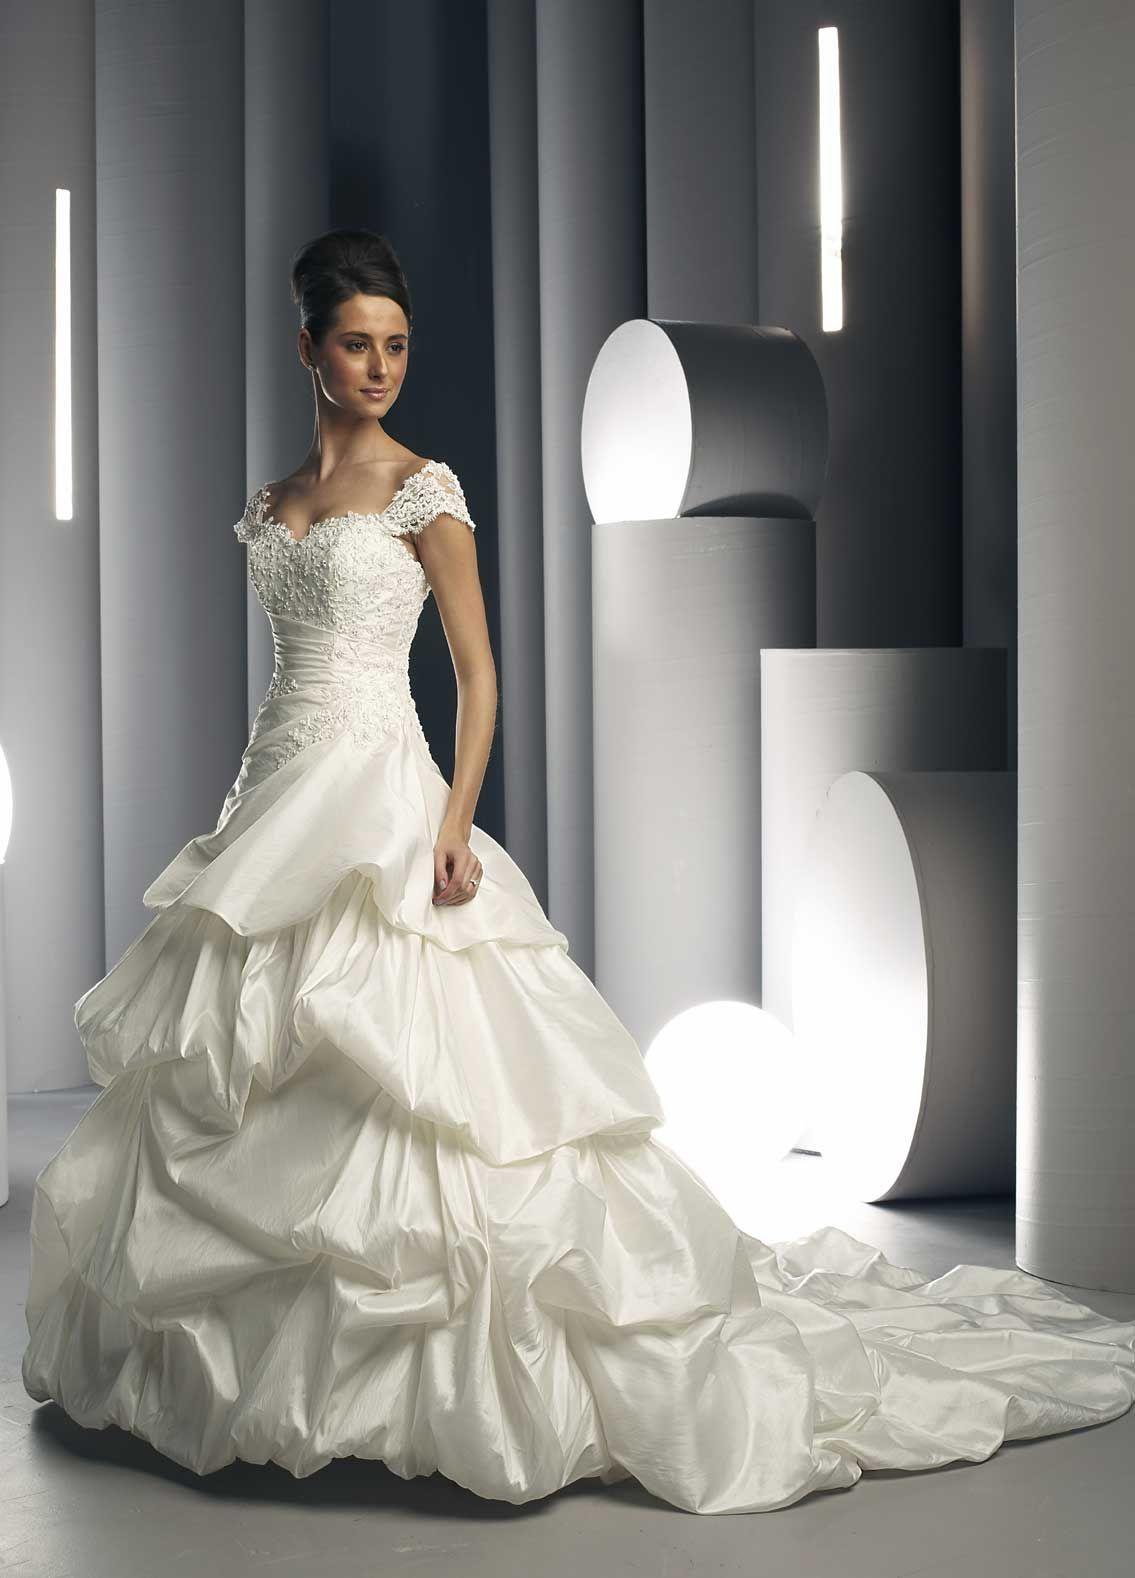 eb980b7798 Wedding dress idea  Featured Dress  Milla Nova